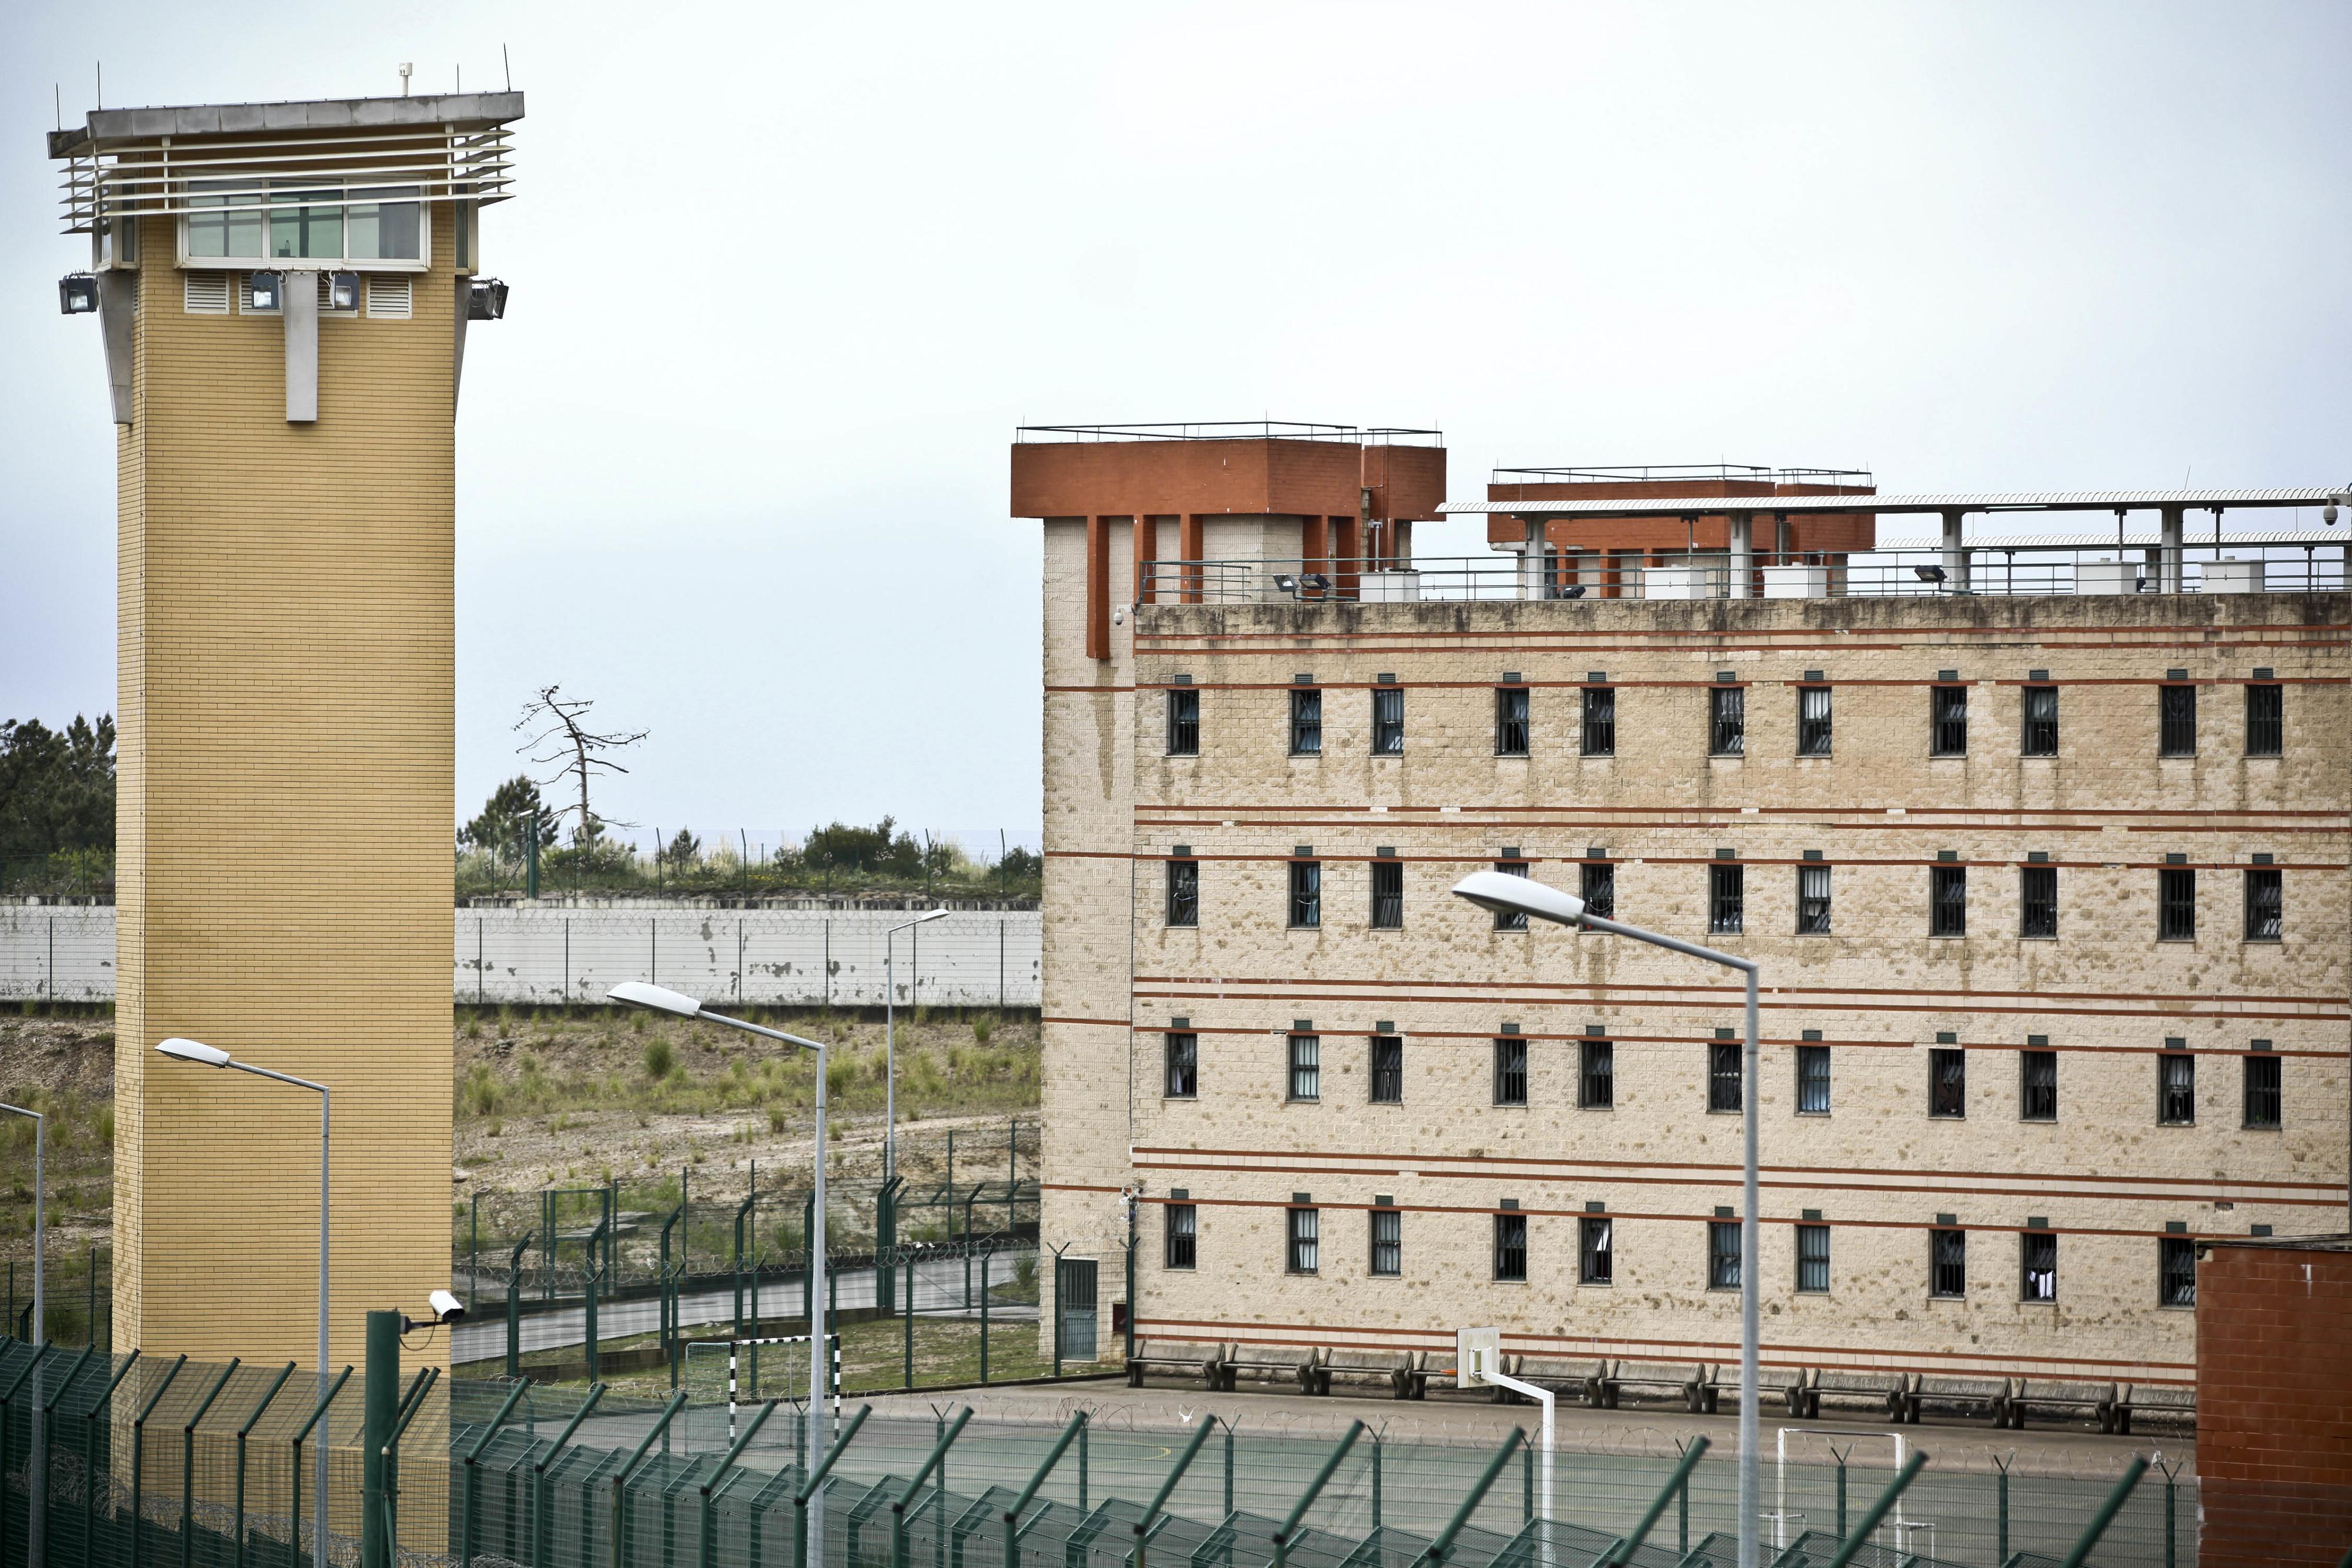 Covid-19: Perdão para penas até dois anos, antecipação da liberdade condicional. Proposta de lei para as prisões chegou ao Parlamento